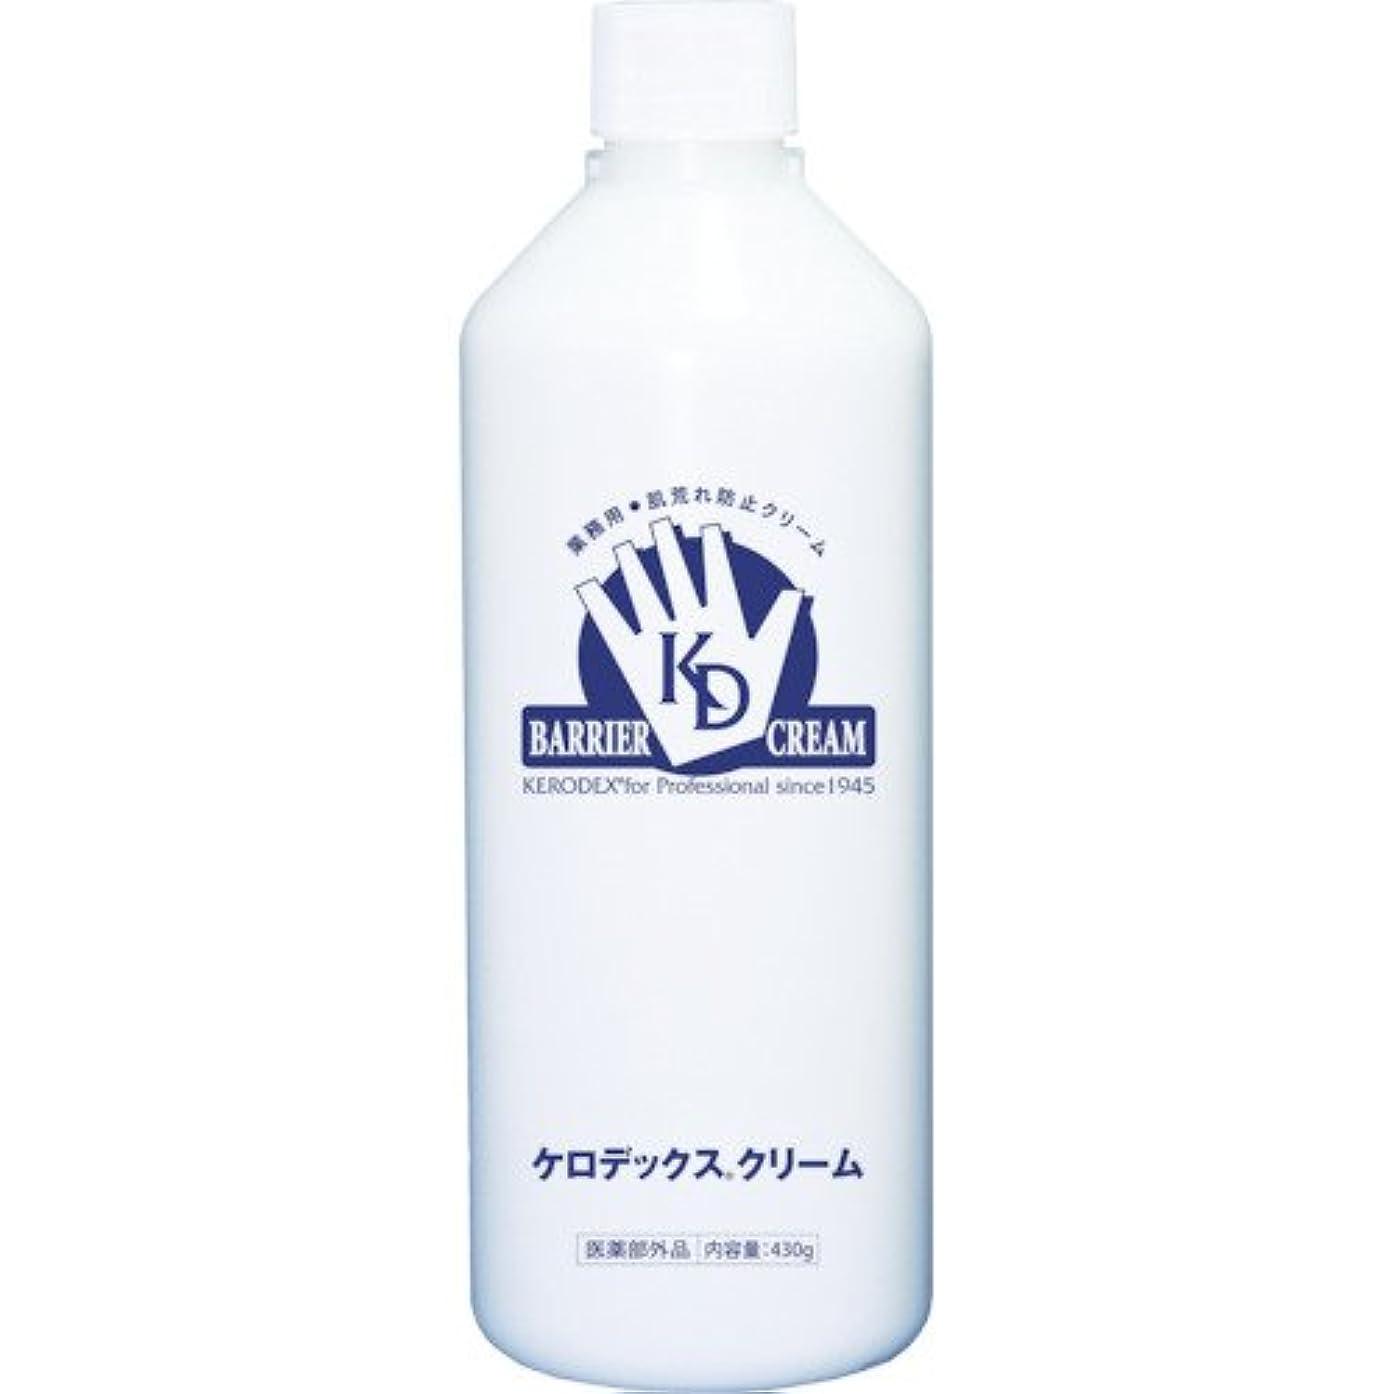 バナナアシスト要求ケロデックスクリーム ボトルタイプ 詰替用 430g